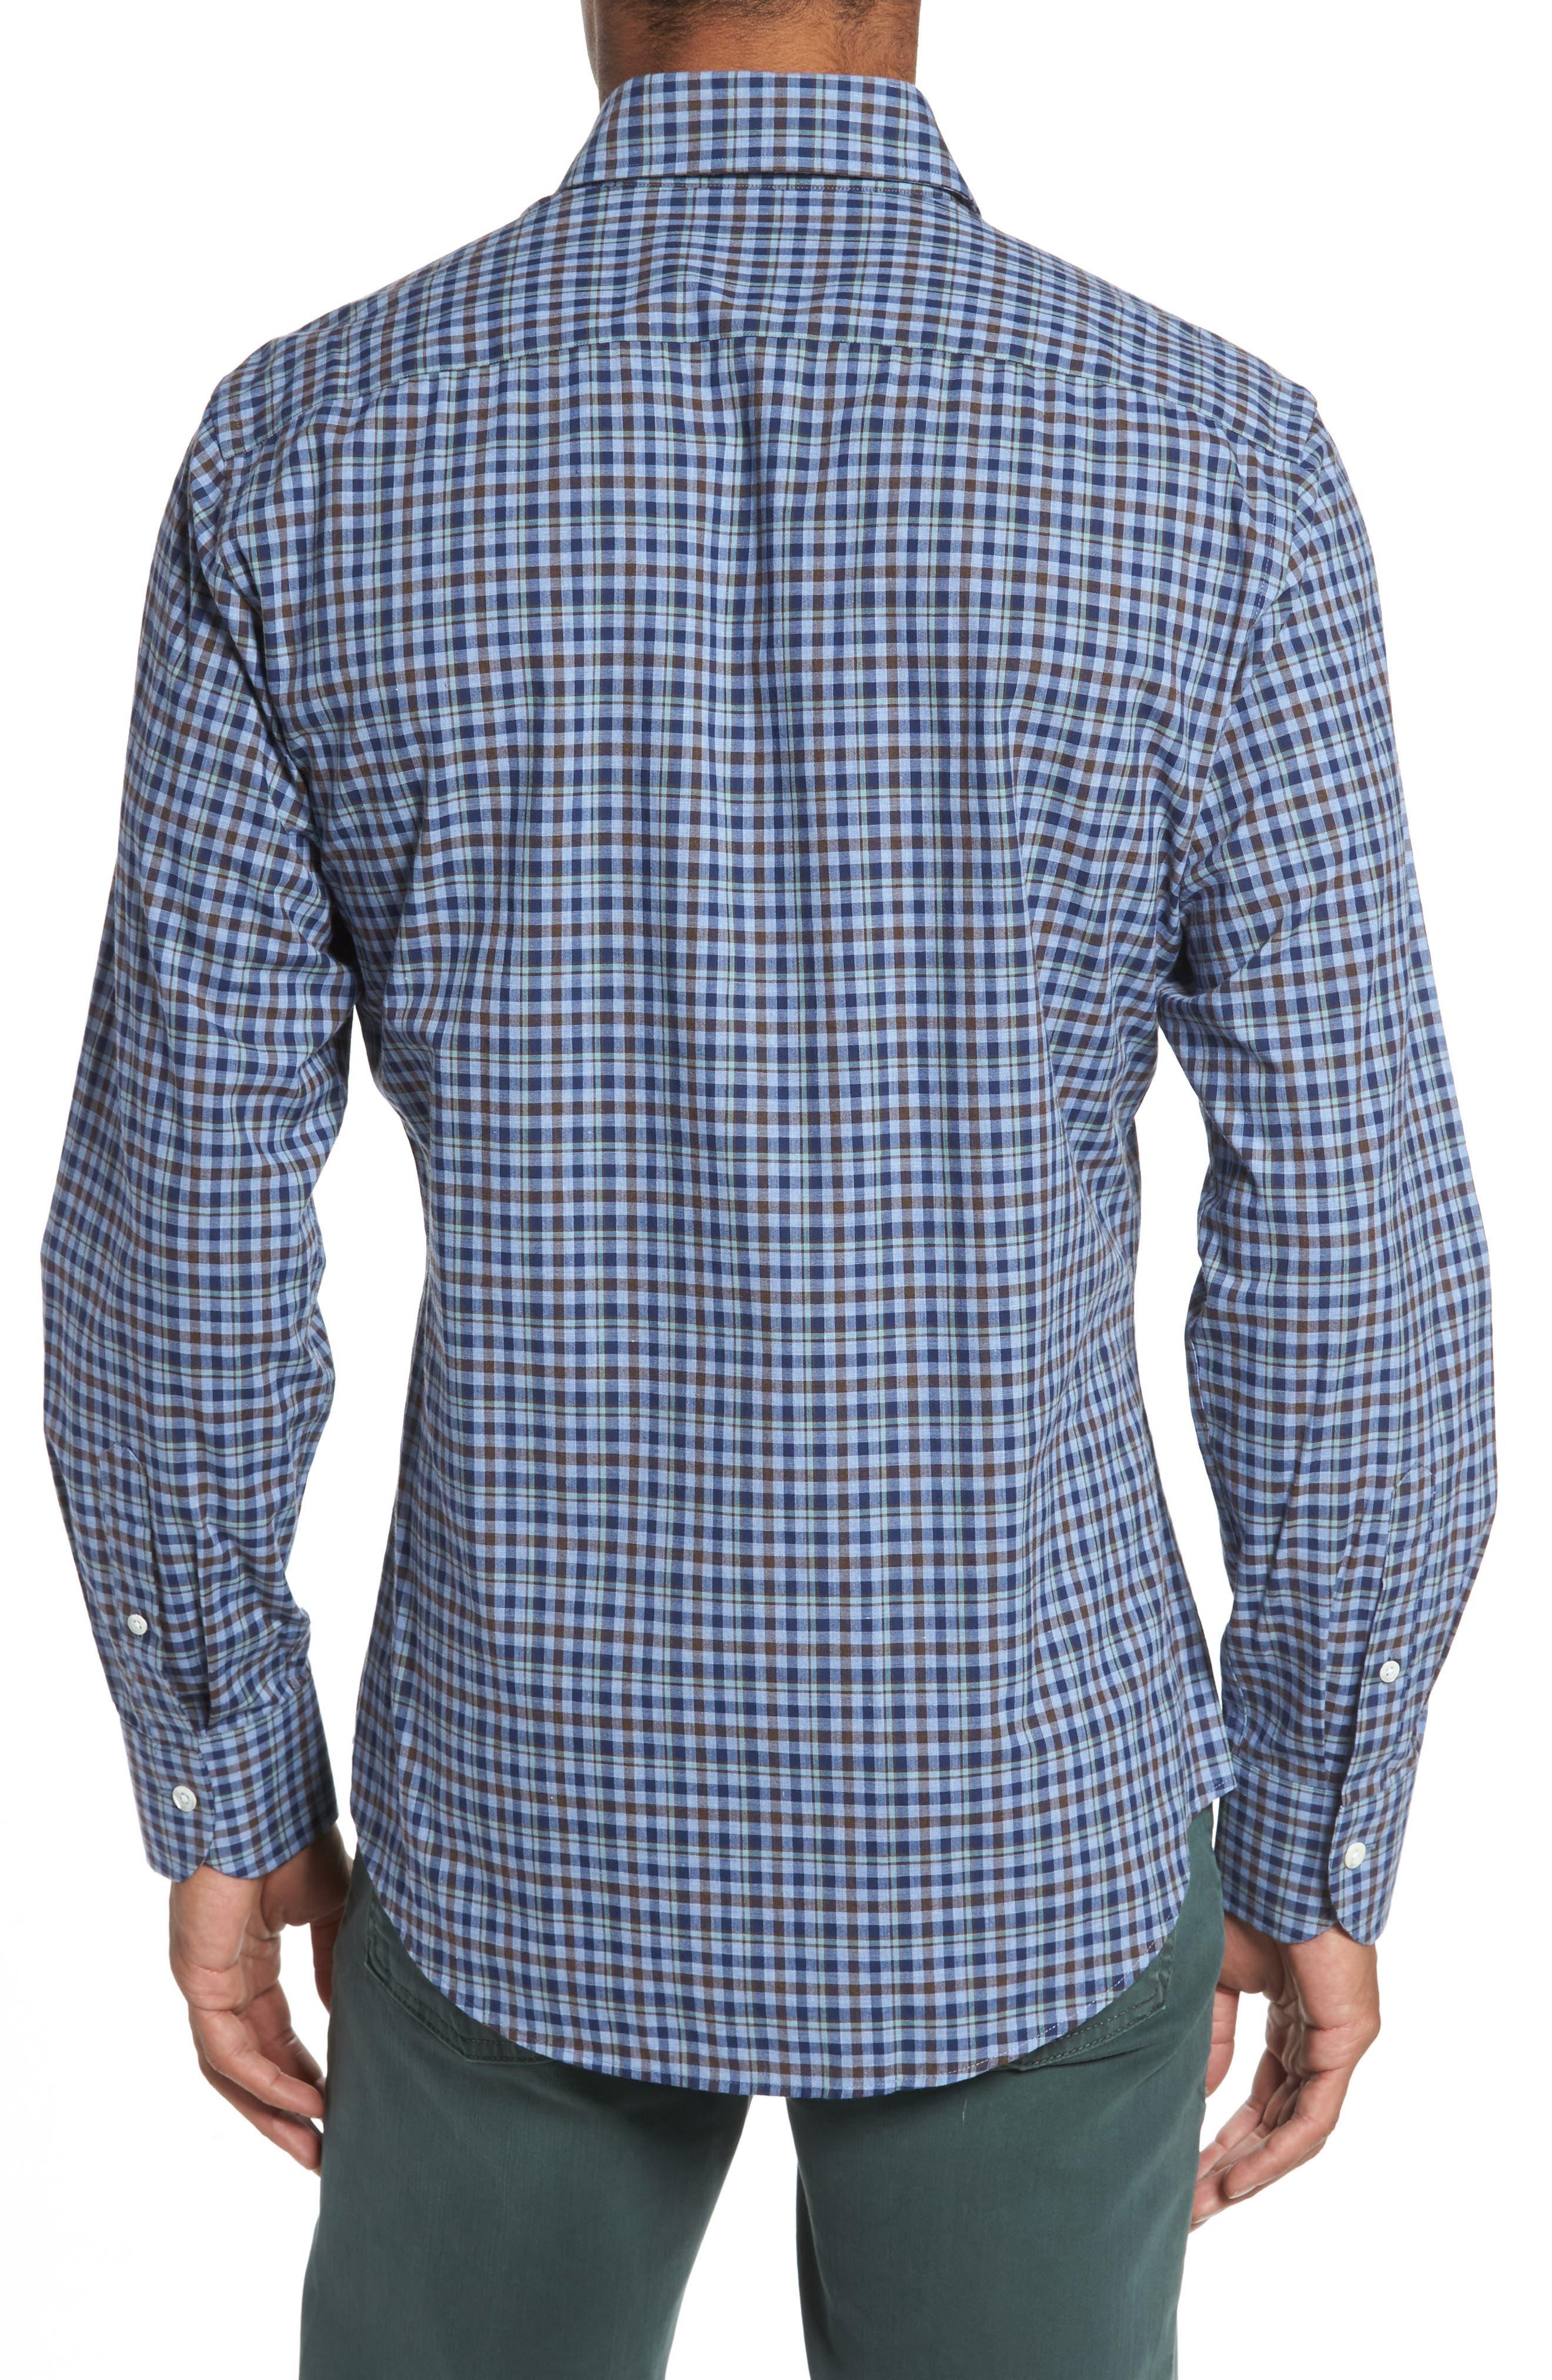 Alden Slim Fit Plaid Sport Shirt,                             Alternate thumbnail 2, color,                             Blue